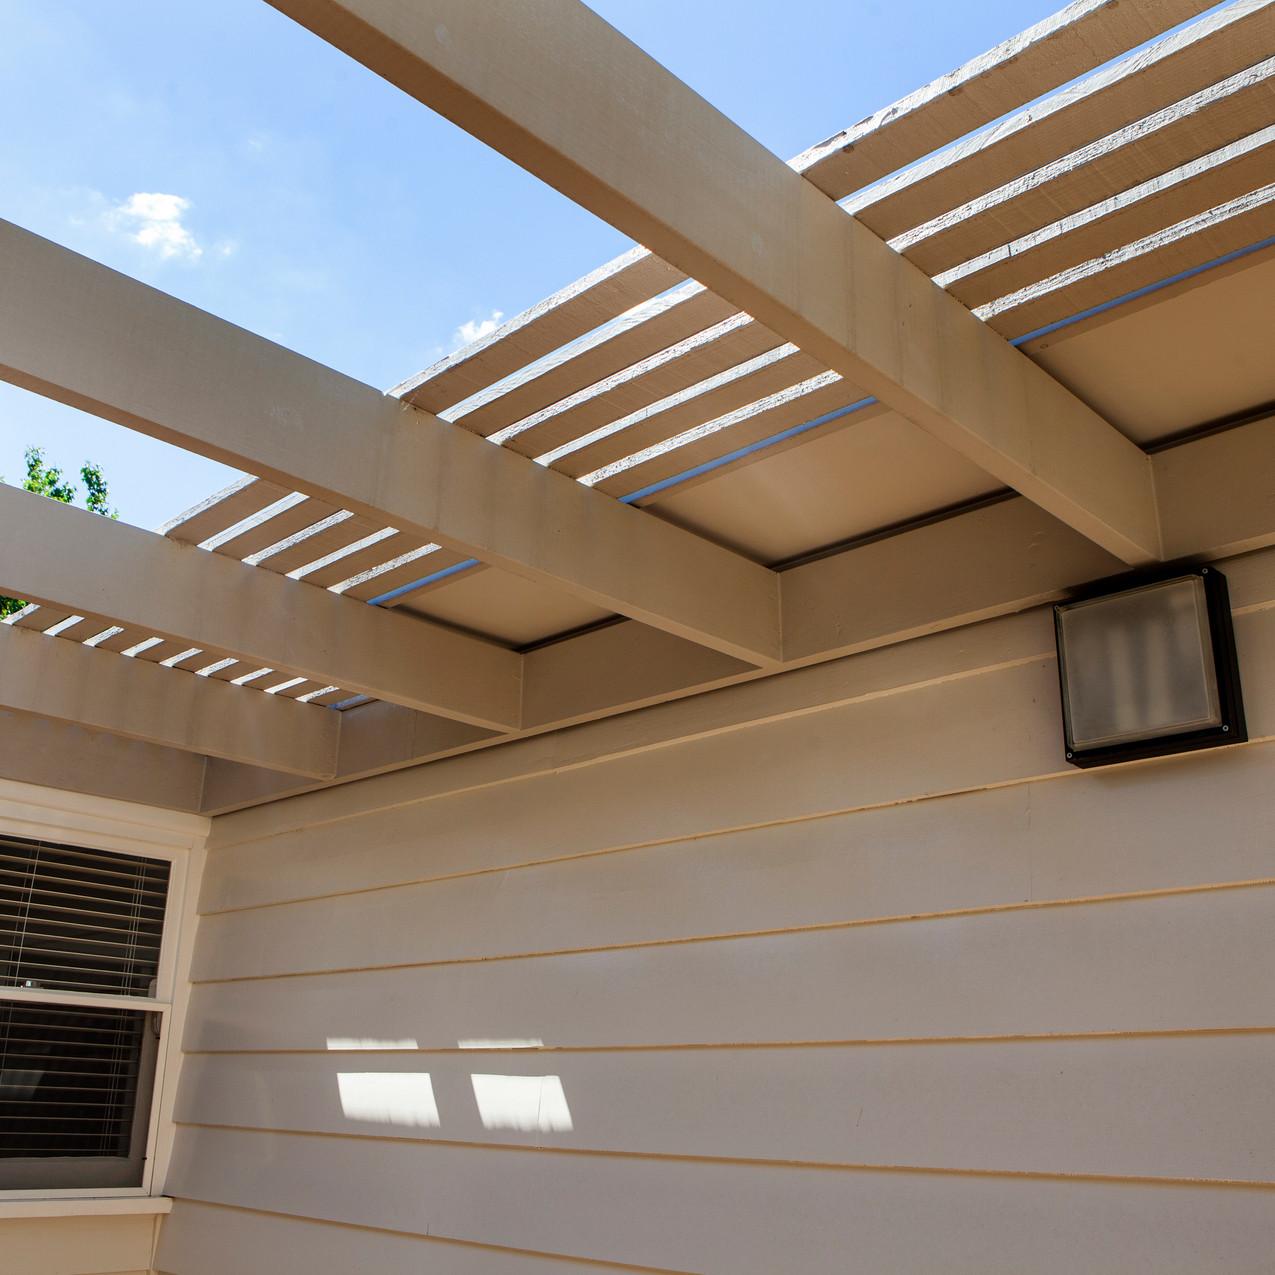 Built Enviro_Jorge de araujo_09